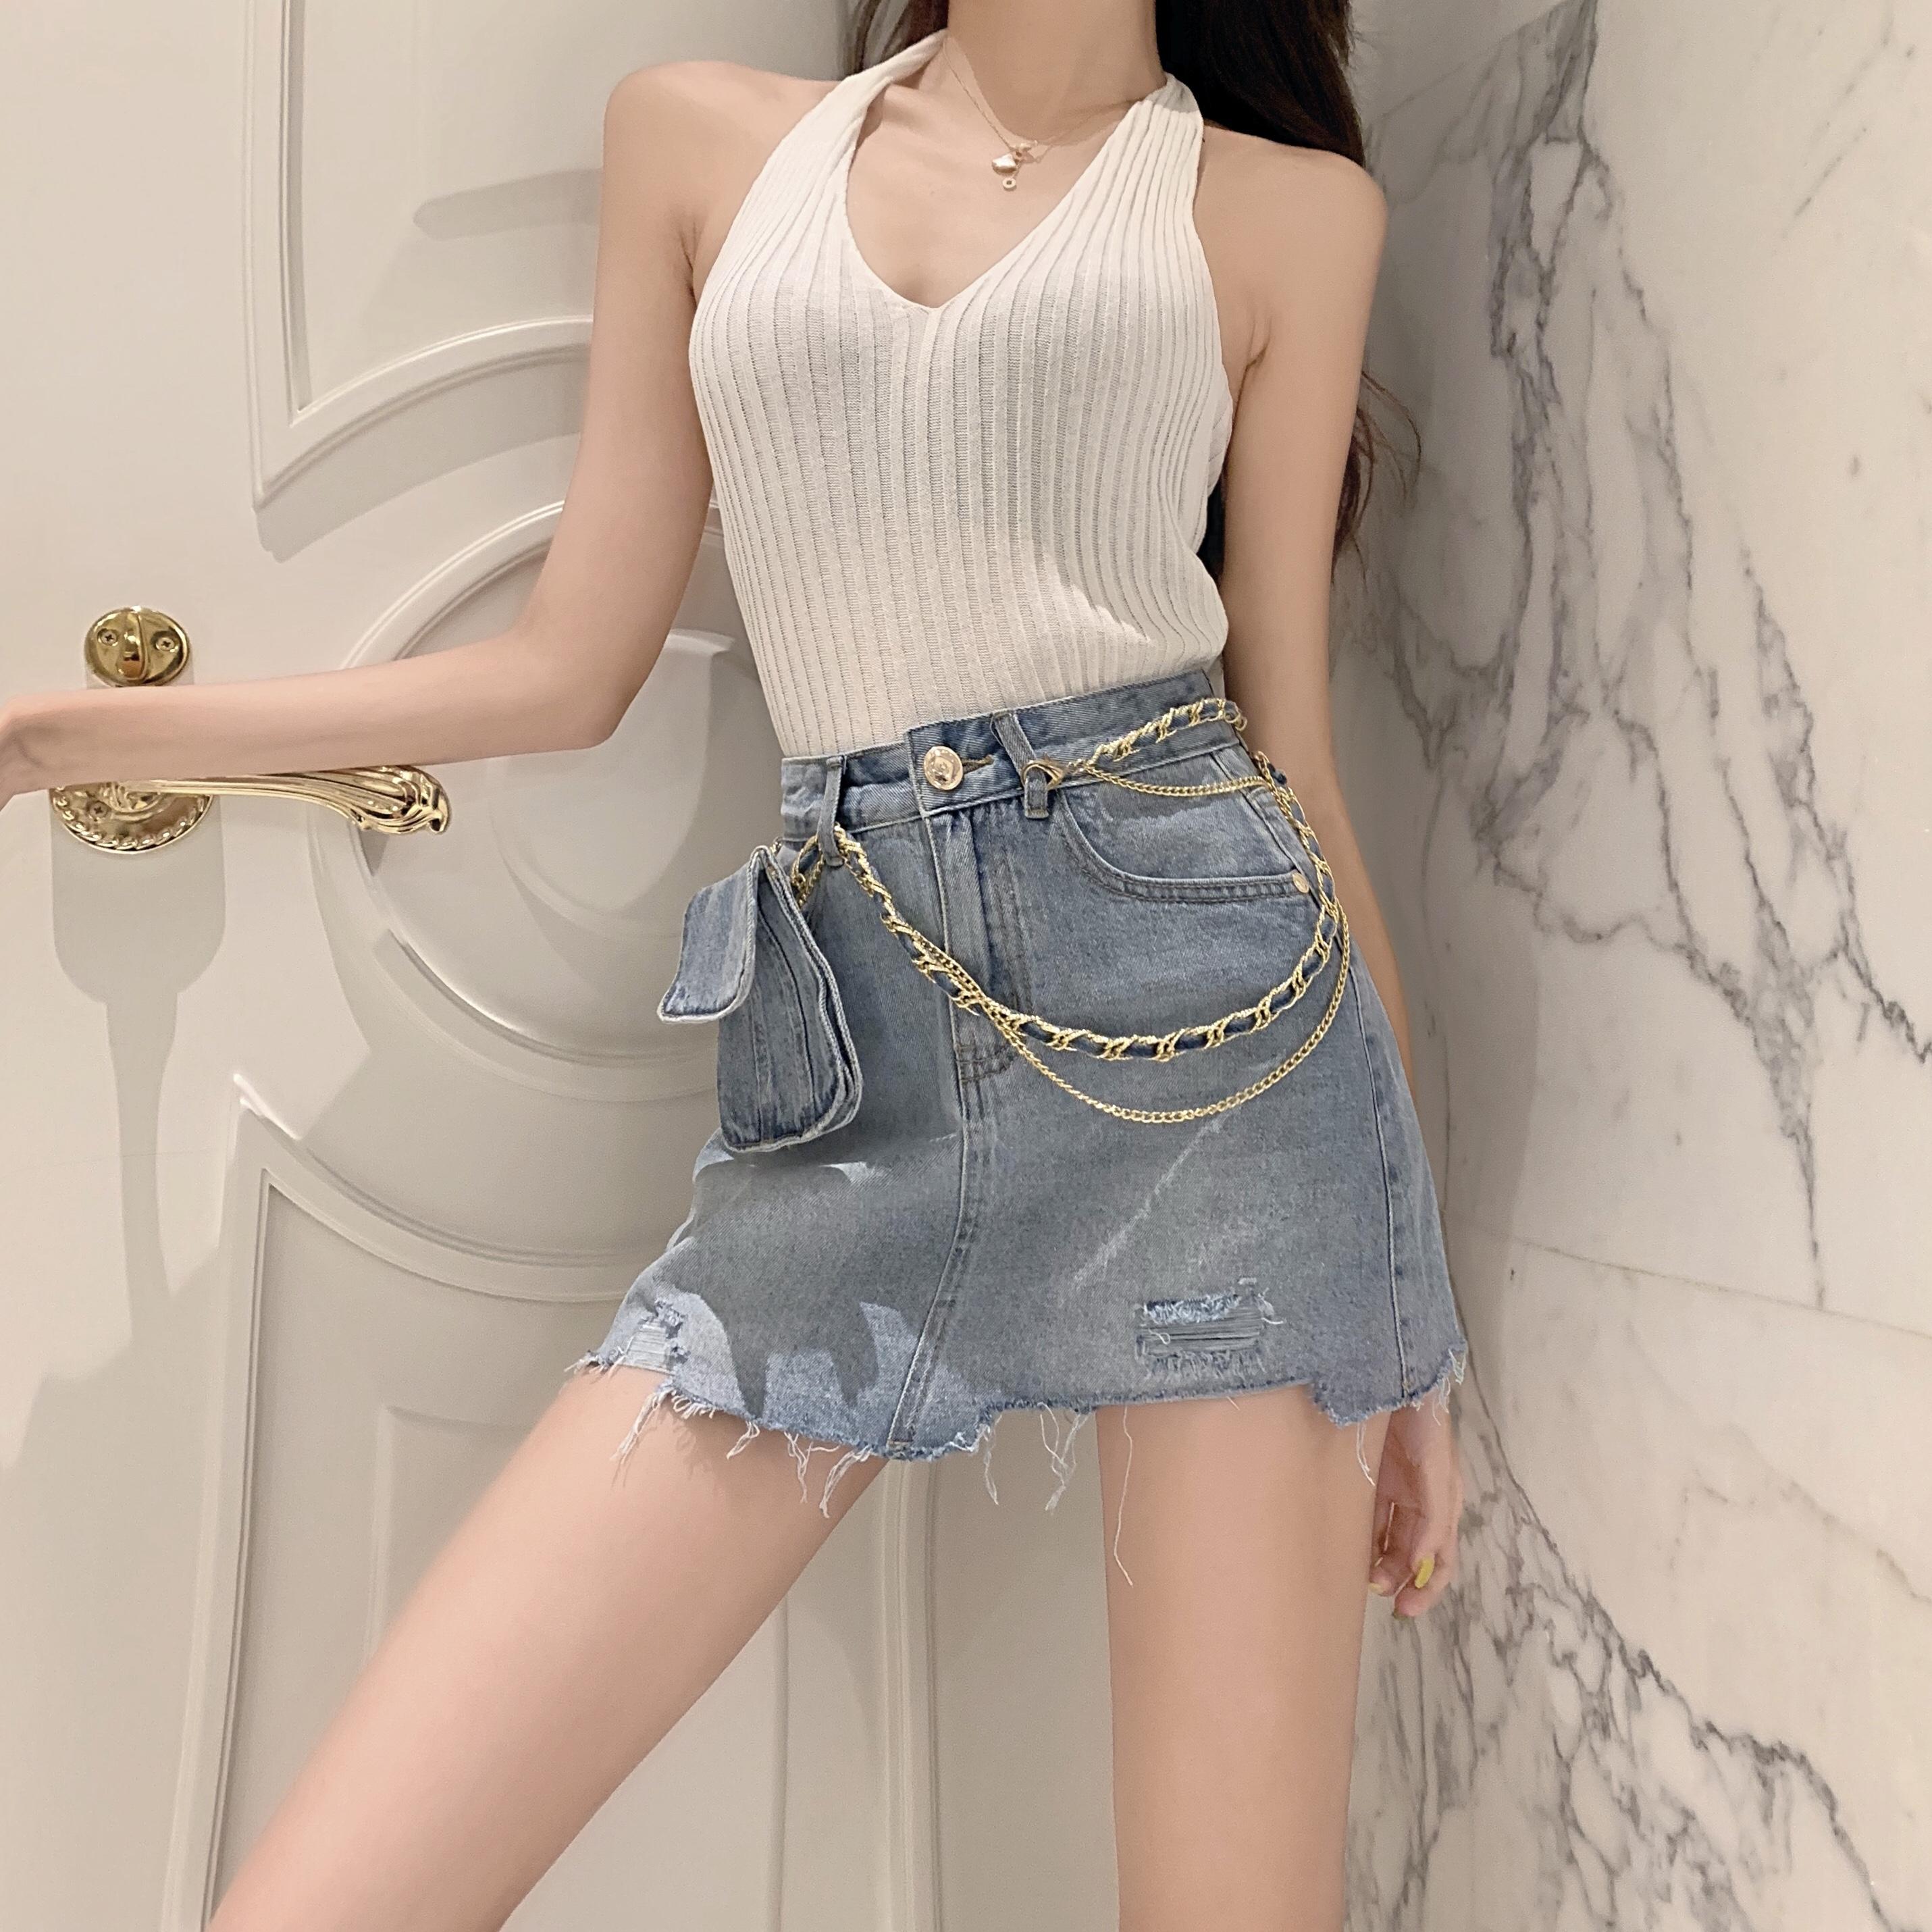 实拍实价-控52 高腰牛仔短裤a字半身裙毛边腰包破洞短裙裤裙